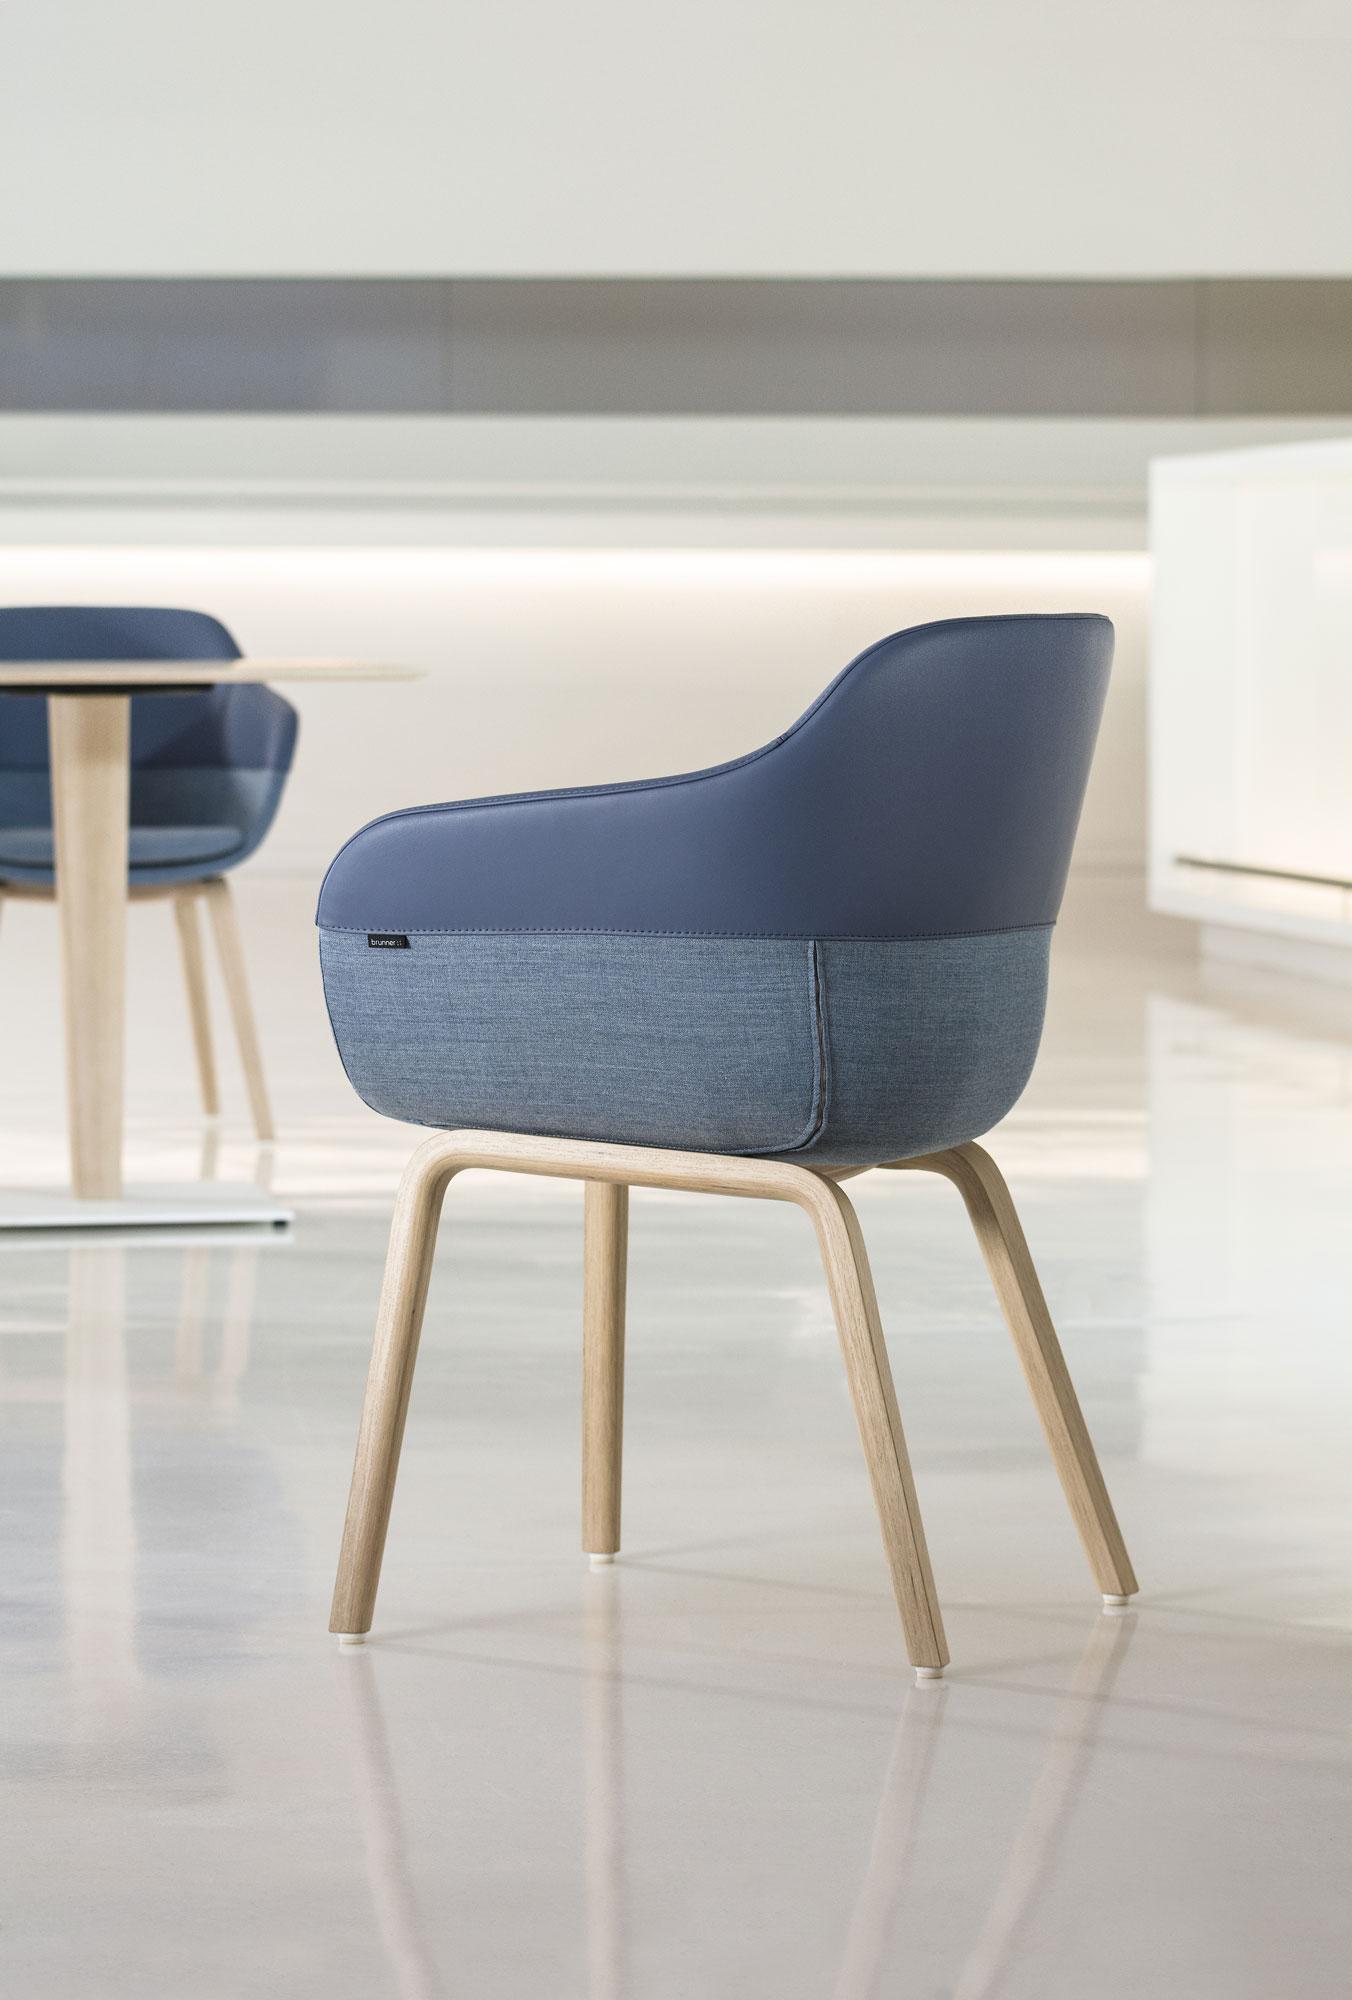 Variantenreicher Stuhl von Archirivolto für Brunner